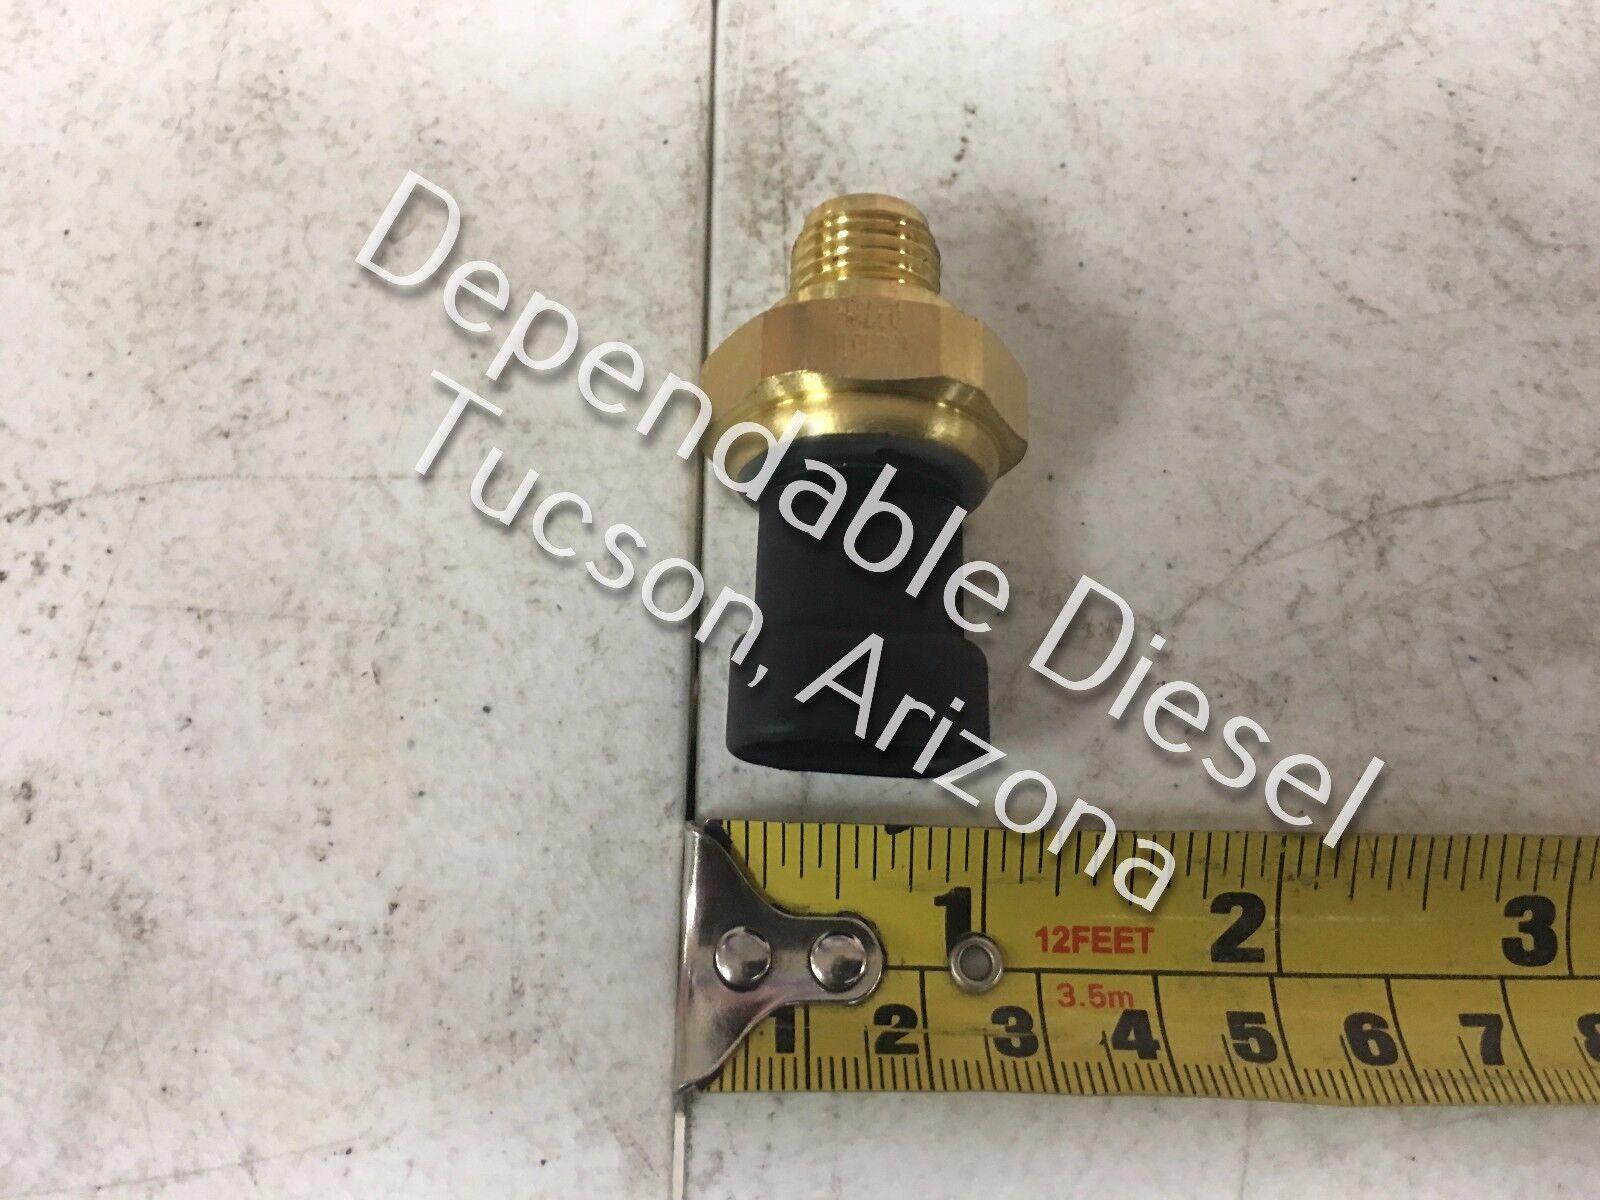 Oil Pressure Sensor for Cummins 6C ISC PAI Brand # 050663 Ref.# 4088390 4921511